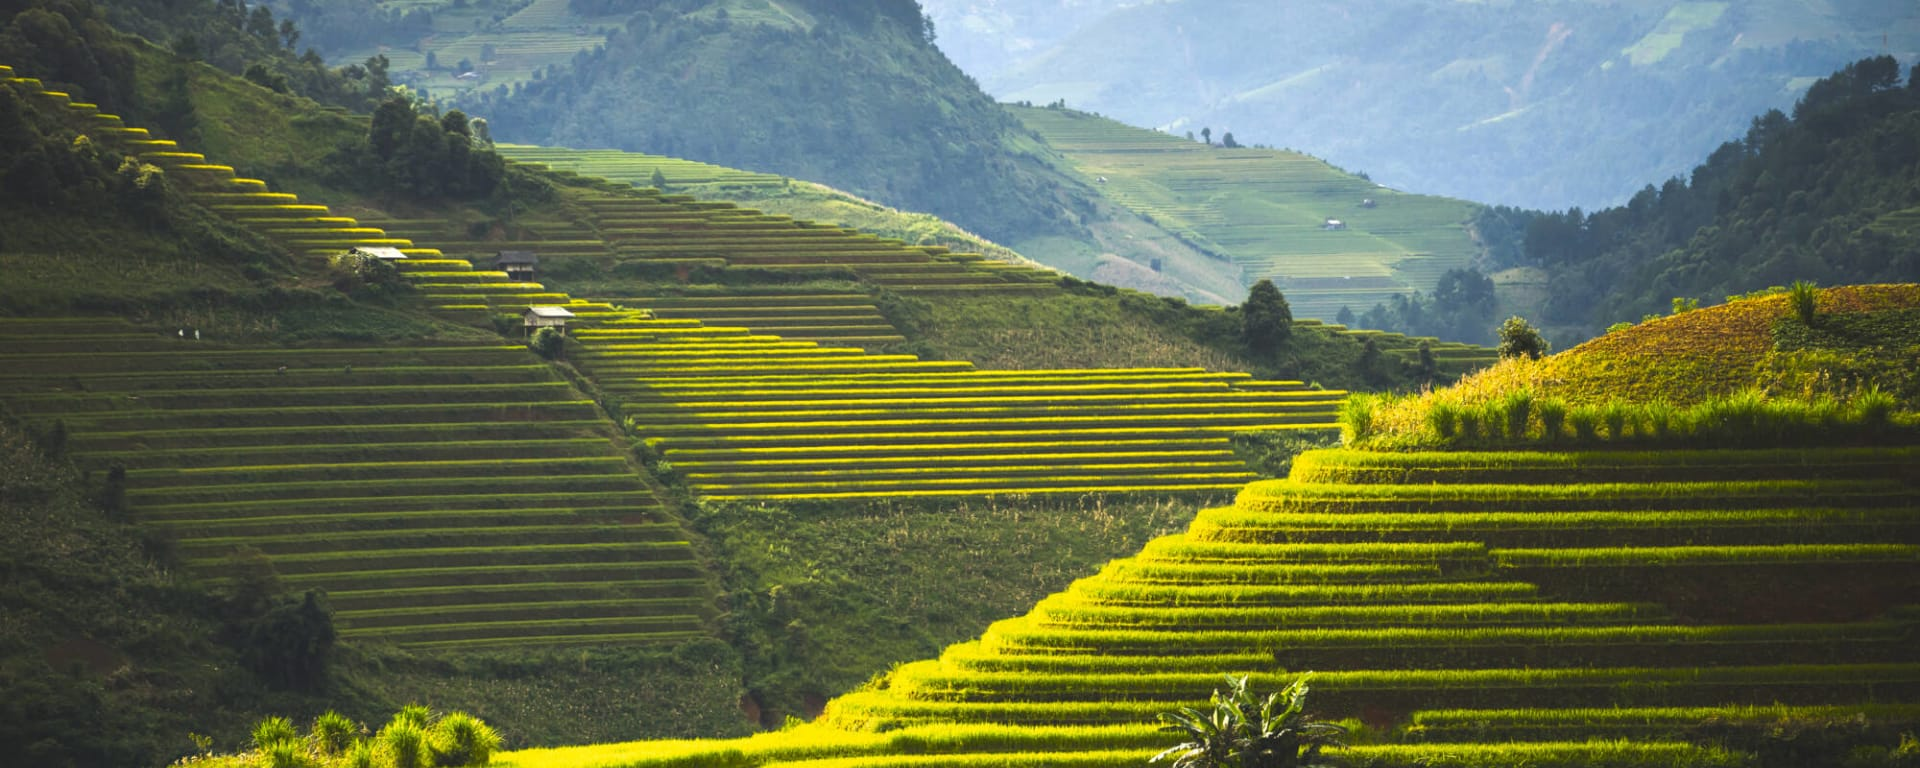 Philippinen entdecken mit Tischler Reisen: Philippinen Nord Luzon Reisterrassen